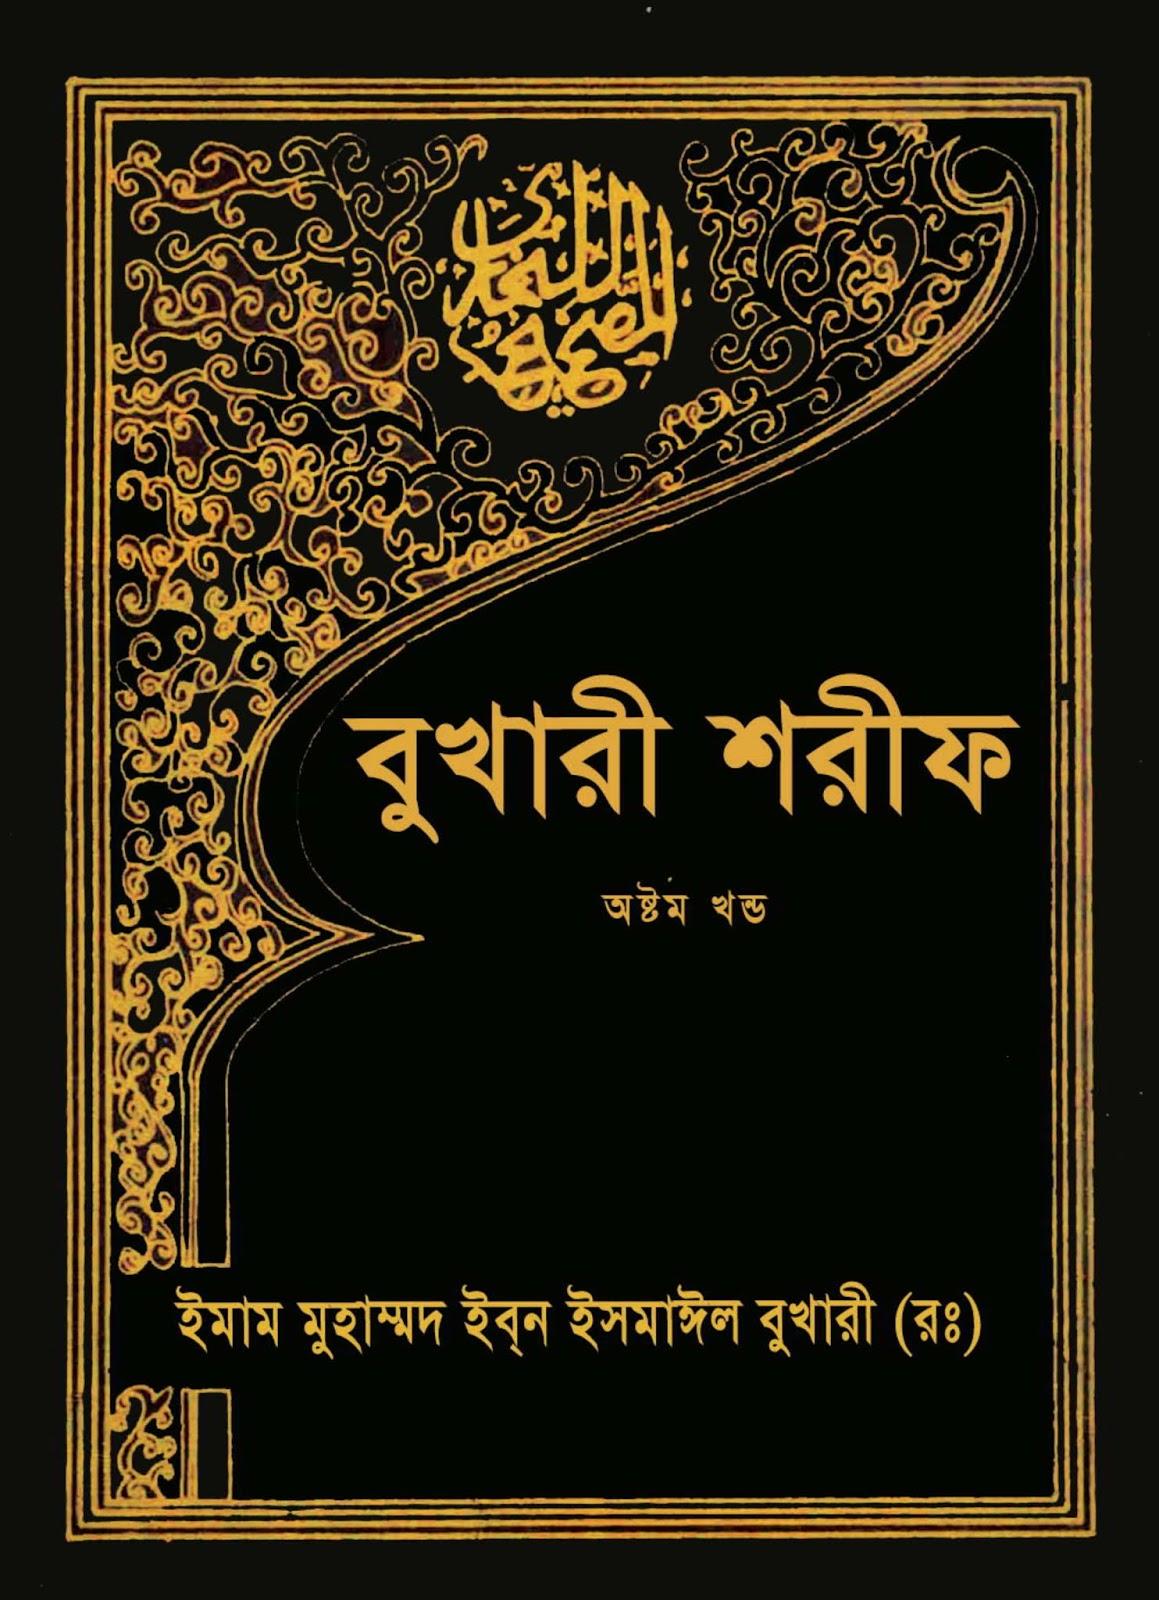 বোখারী শরীফ ৮ম খন্ড pdf | বোখারী শরীফ ফ্রিতে ডাউনলোড করুন |bangla hadith | bangla hadis | hadithbd | হাদিস